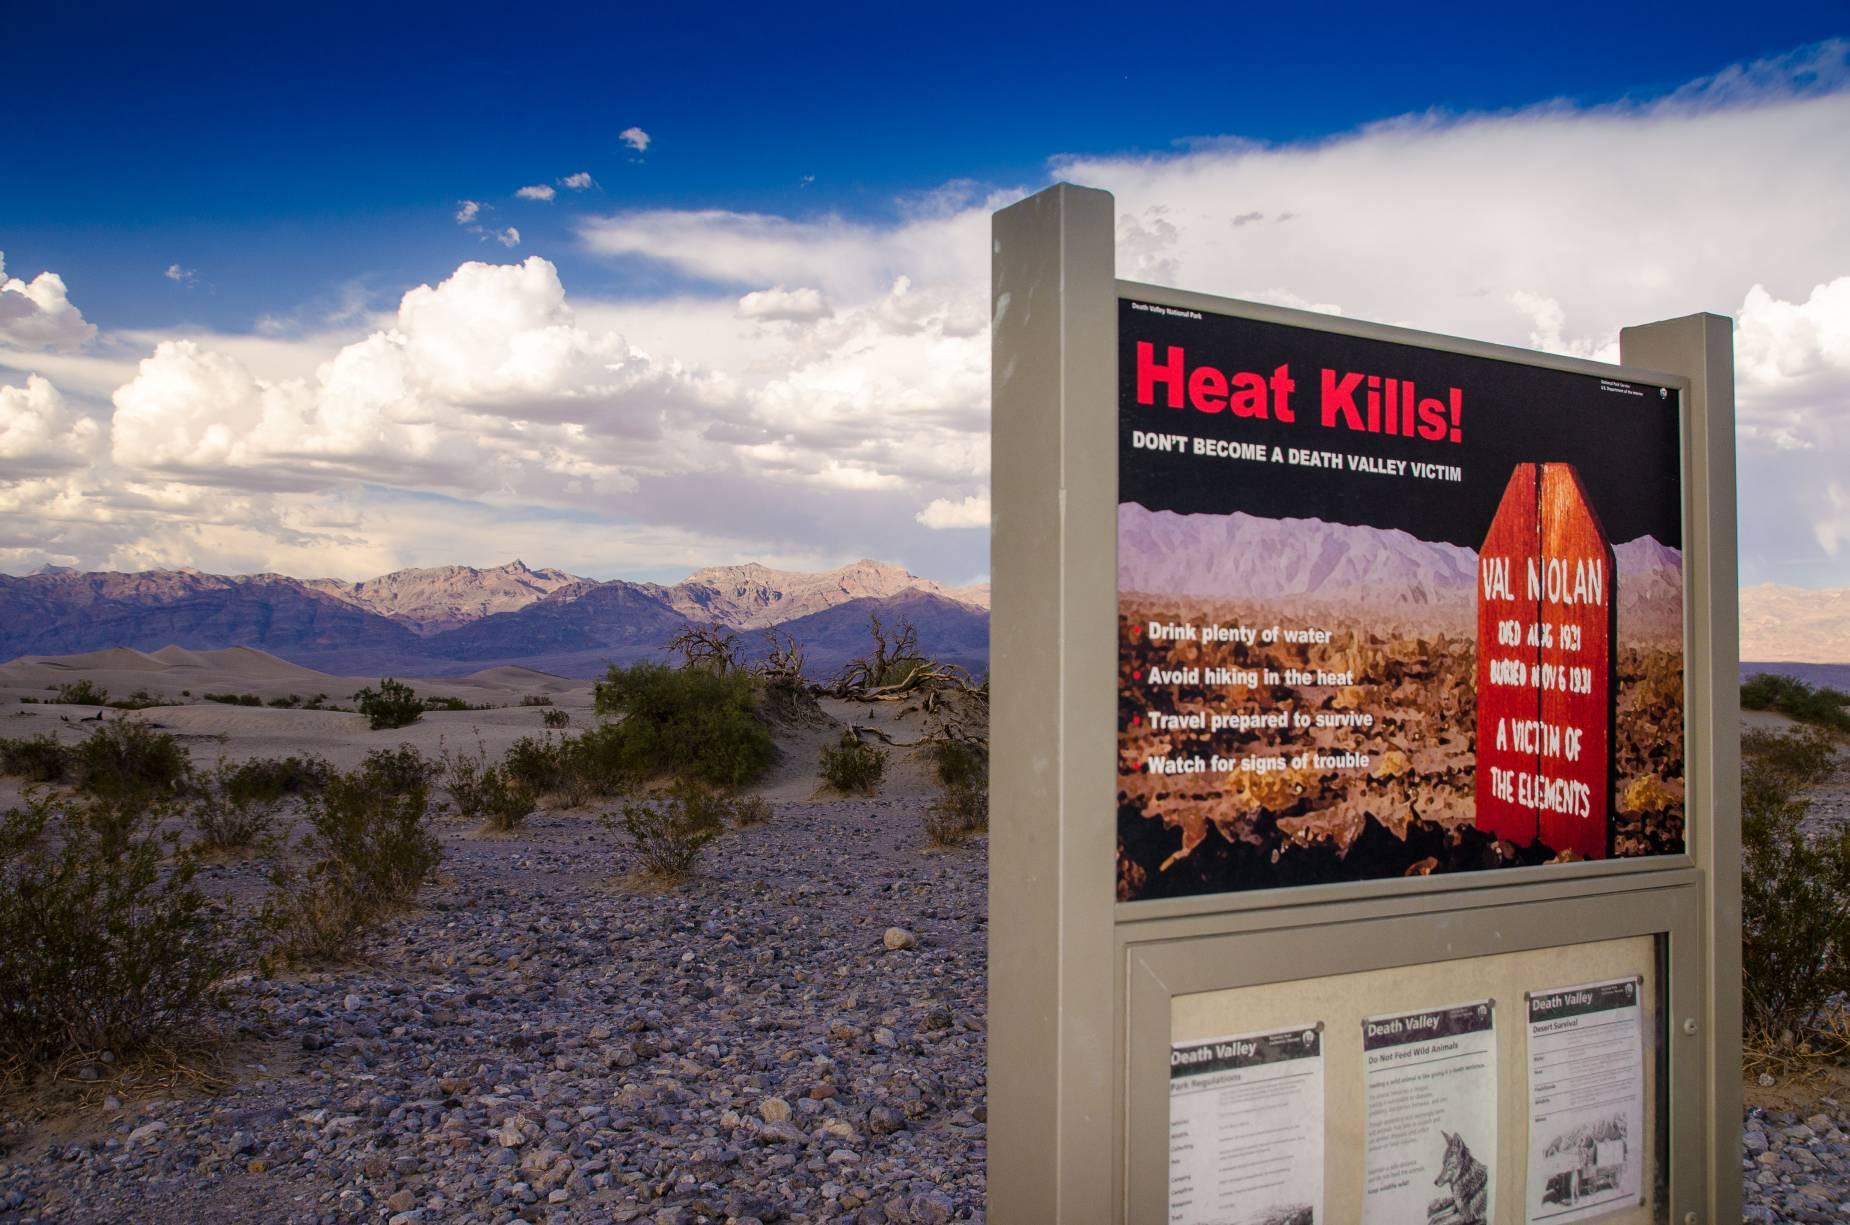 A pesar de las advertencias, aún siguen muriendo incautos en Death Valley